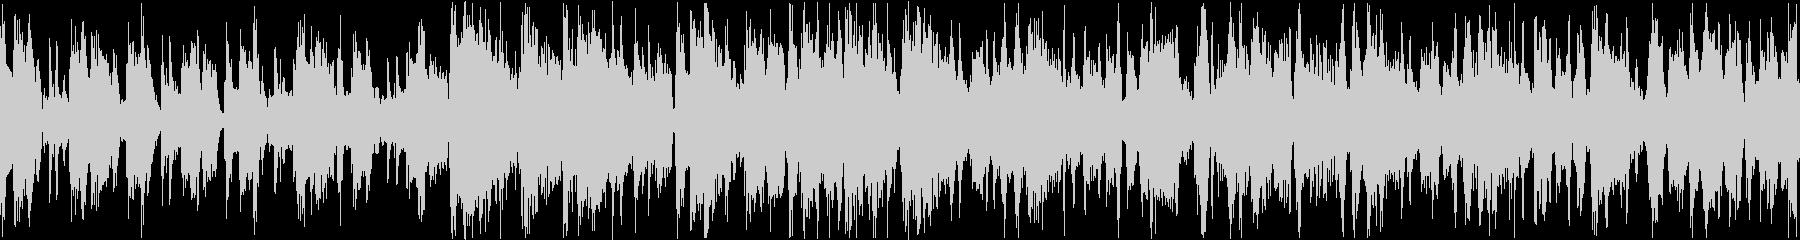 スマートな大人ジャズトラックの未再生の波形